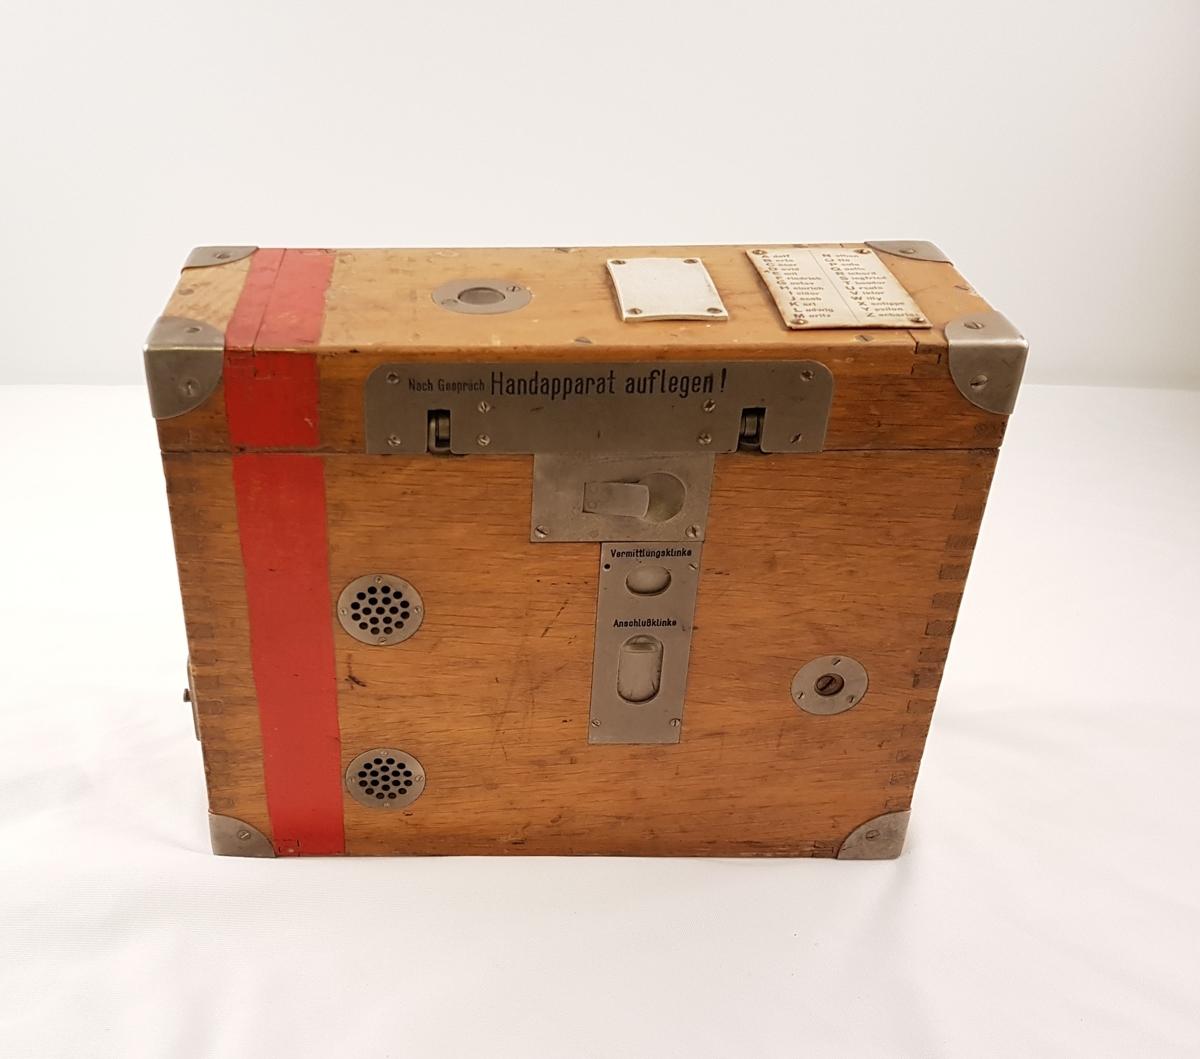 Felttelefon bestående av telfon og kasse i tre. Original påskrift.